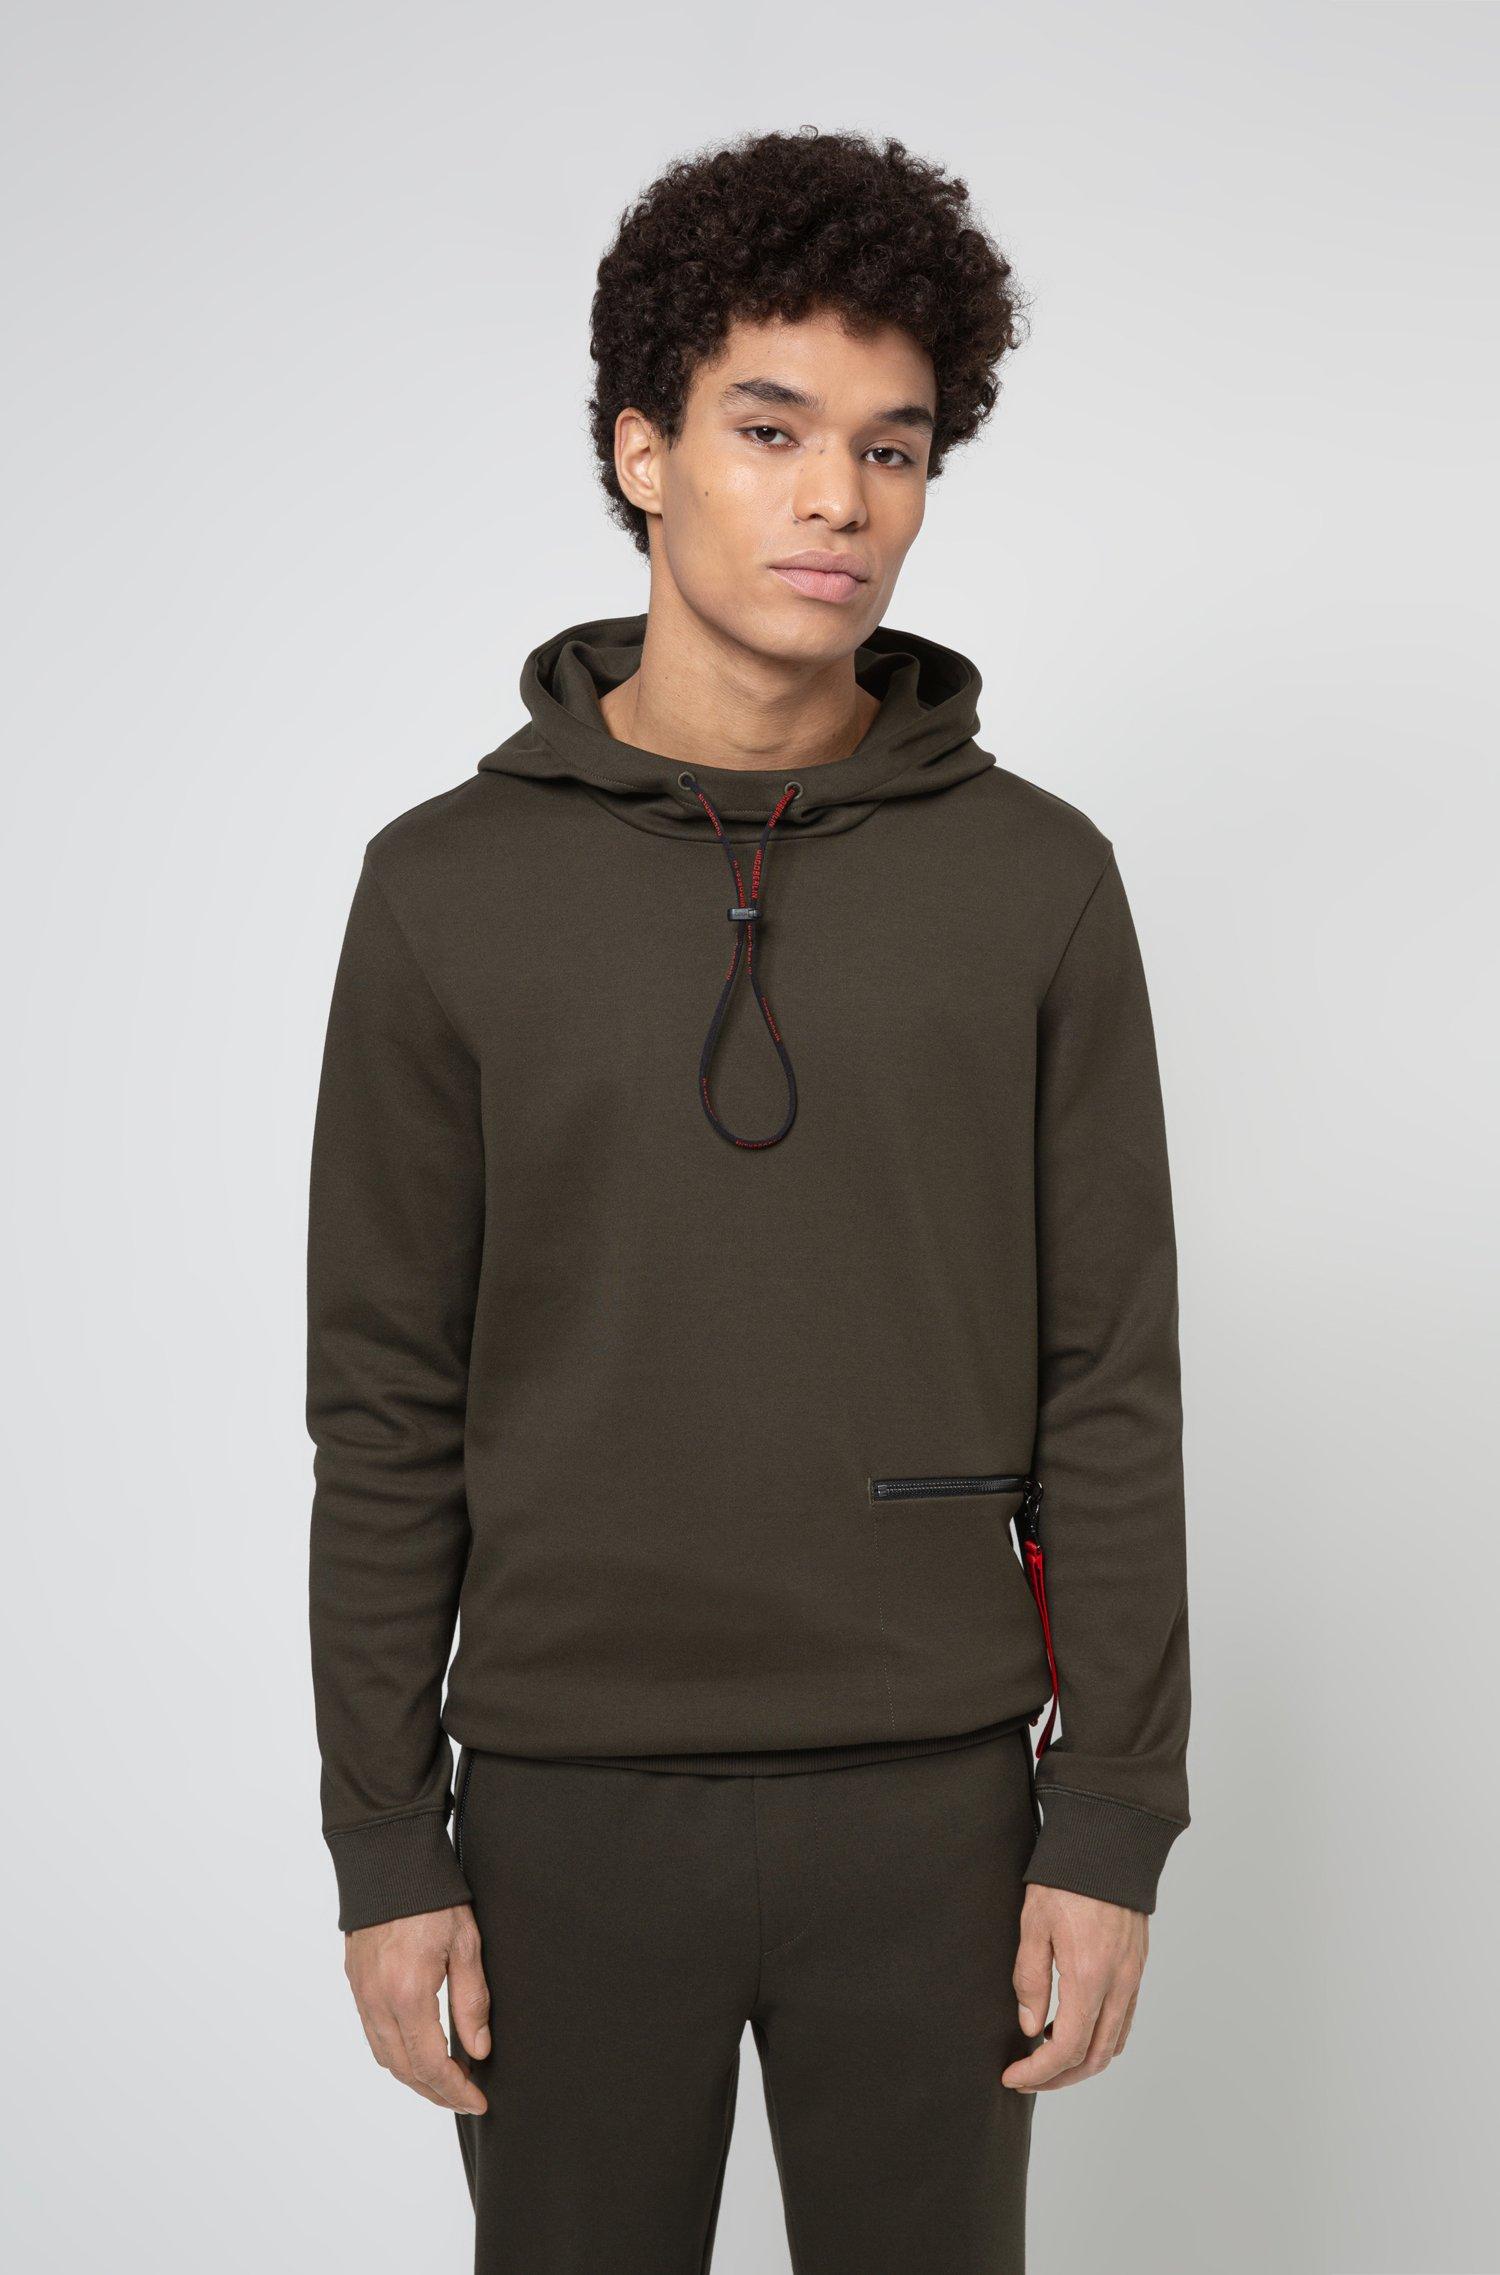 Sweat à capuche en coton interlock avec poche zippée, Kaki